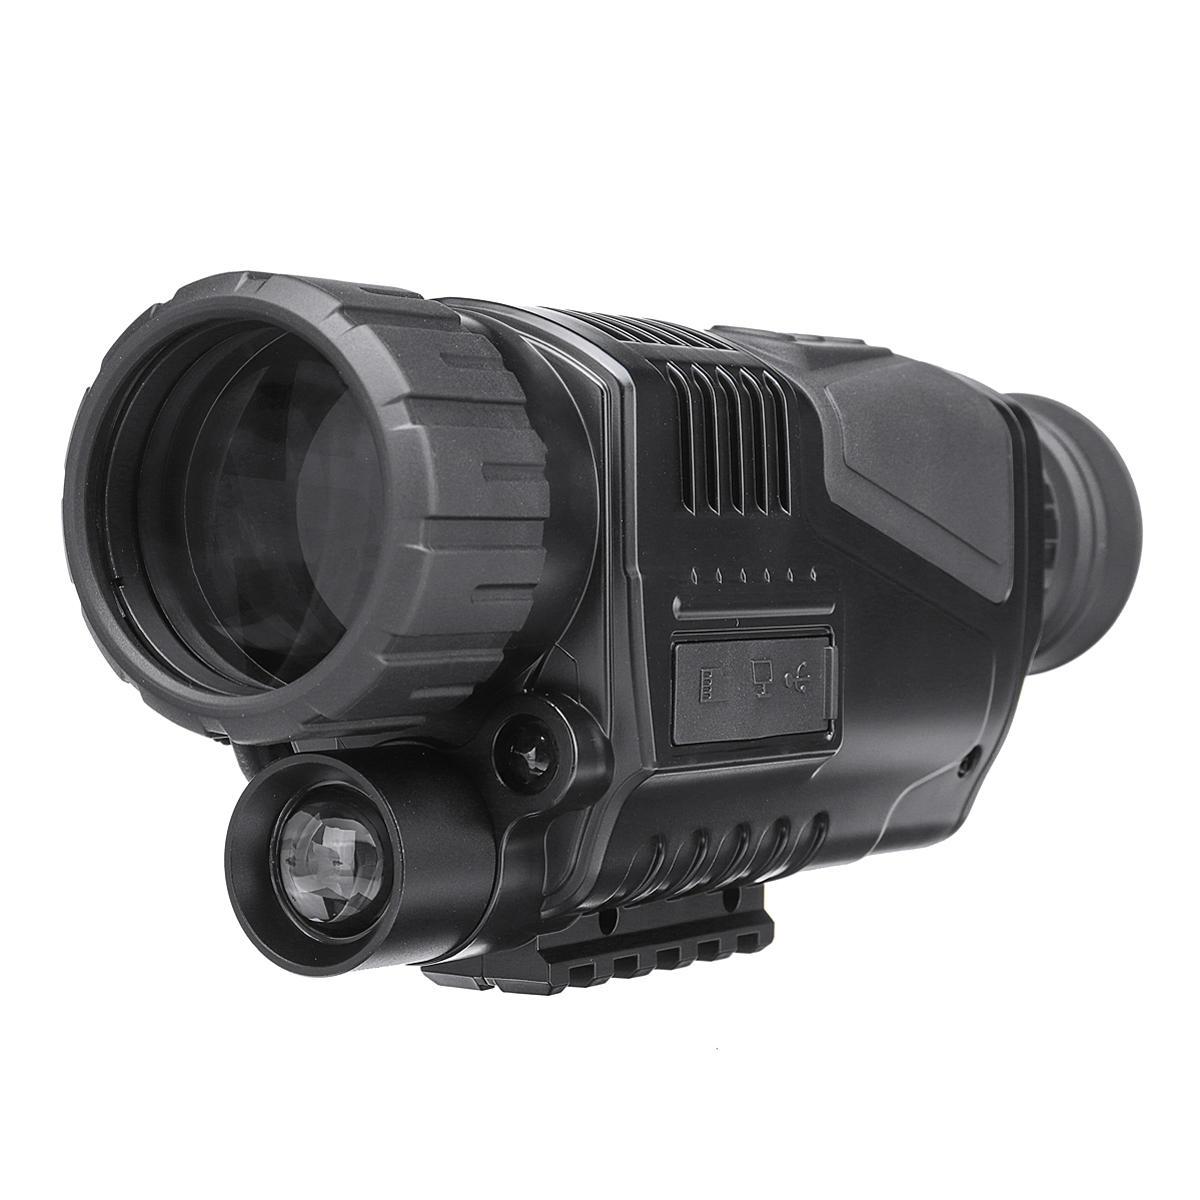 Ψηφιακό Μονόκυαλο Νυχτερινής Όρασης 5x40 με Υπέρυθρες 200m & Καταγραφή Βίντεο Night Vision Digital Monocular SX40